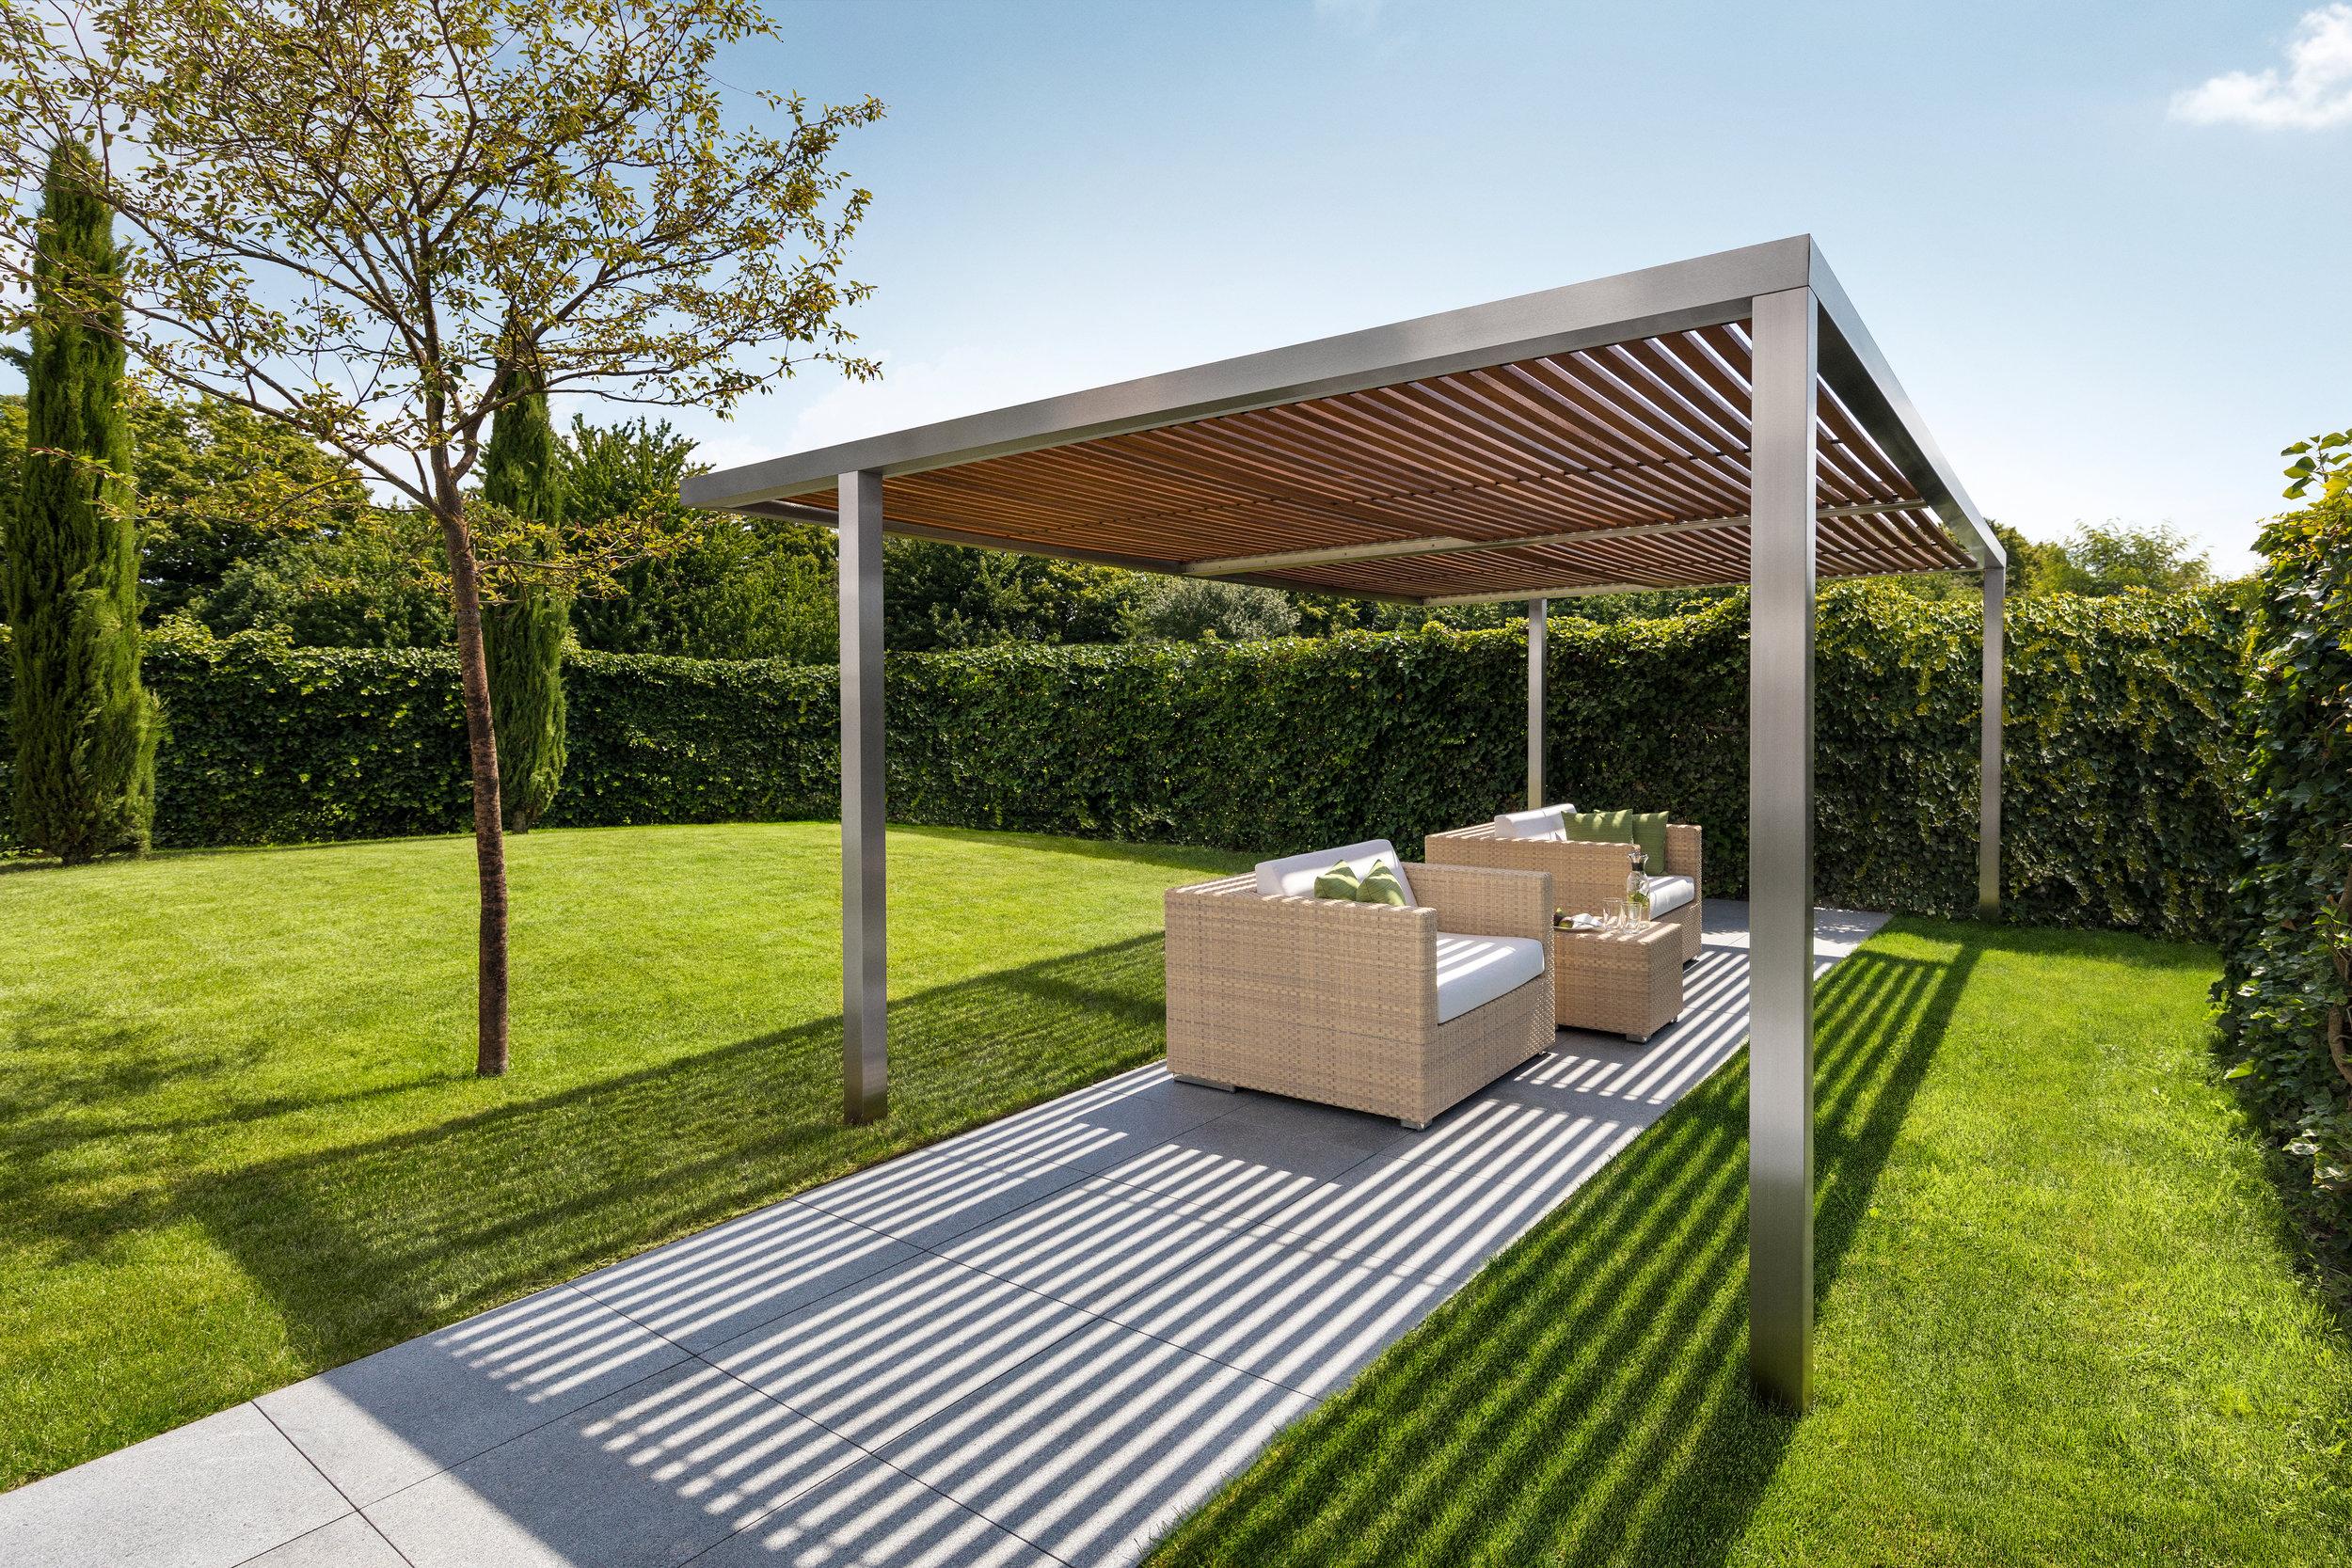 rewalux Pergola für idealen Sonnenschutz.jpg